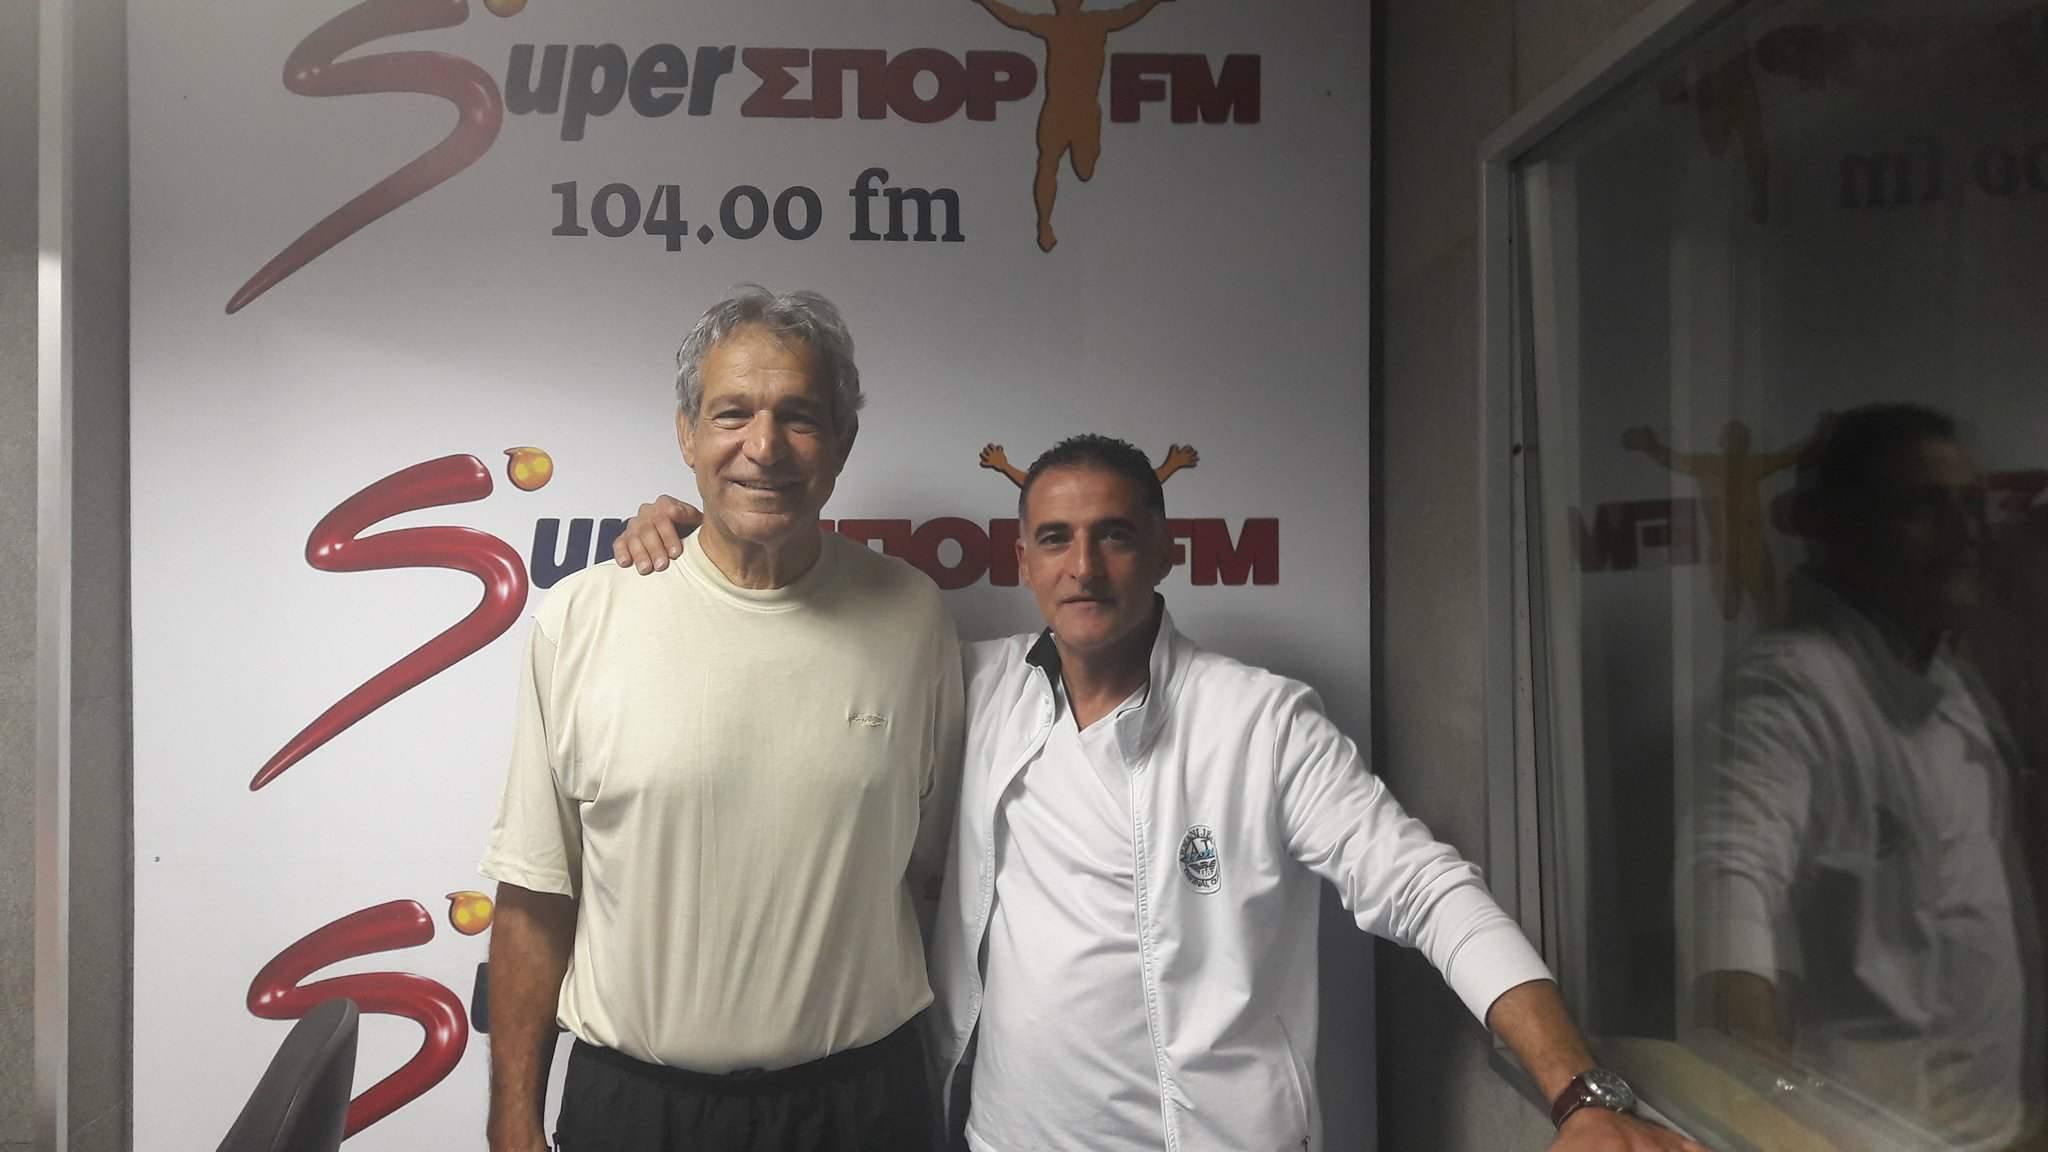 Ο Κύπριος προπονητής Σταύρος Παπαδόπουλος μίλησε στον Super Sport fm 104.0  για τις μεγάλες νίκες της ΑΕΚ και του Απόλλωνα στο Γιουρόπα Λιγκ. 80bb1d351e1